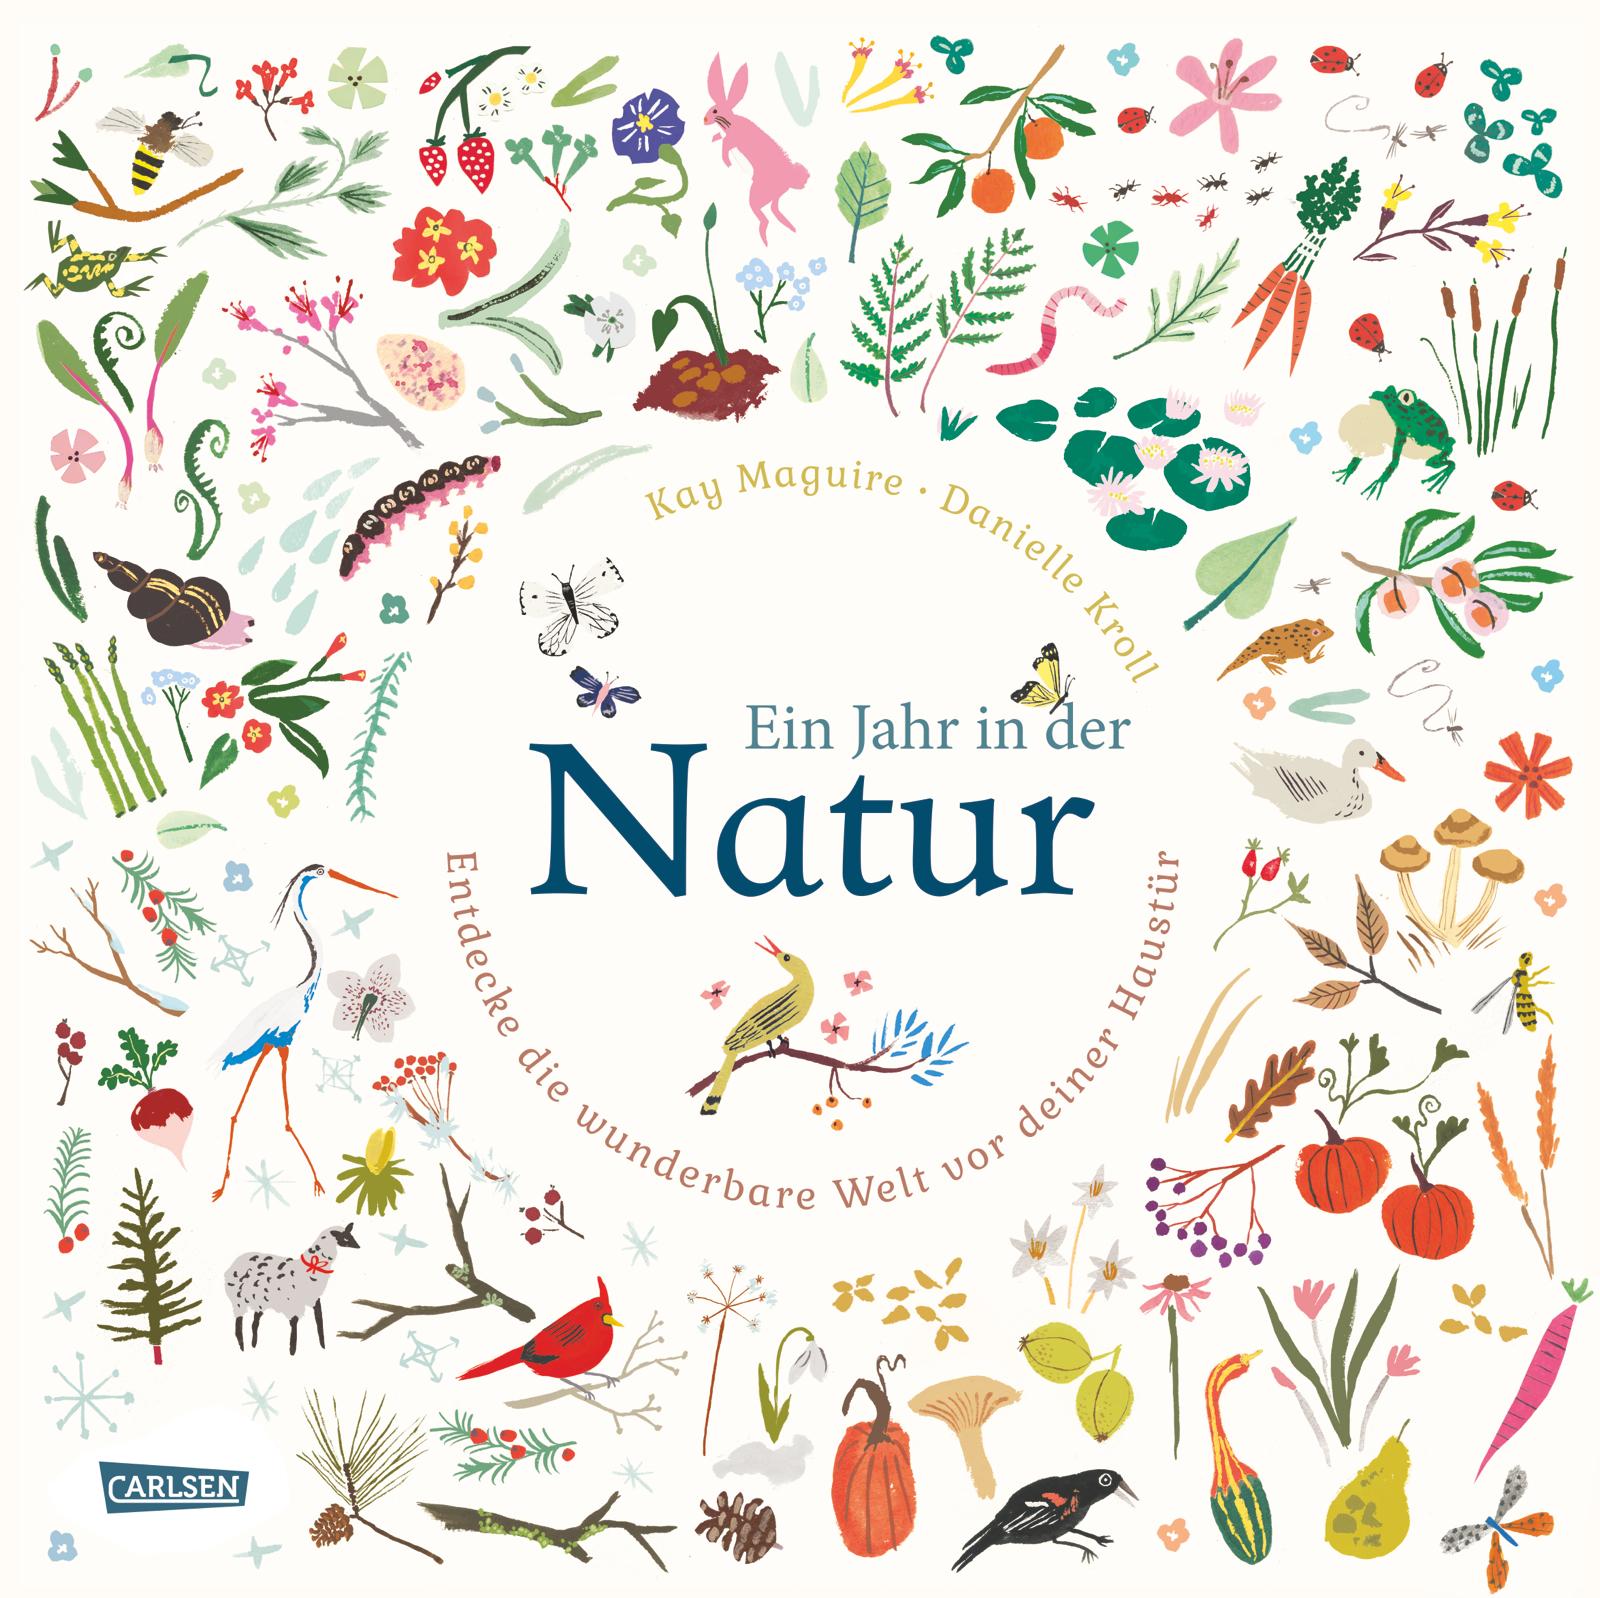 DIE PRESSESTELLE_Regine Bruns_Carlsen Verlag_Ein Jahr in der Natur